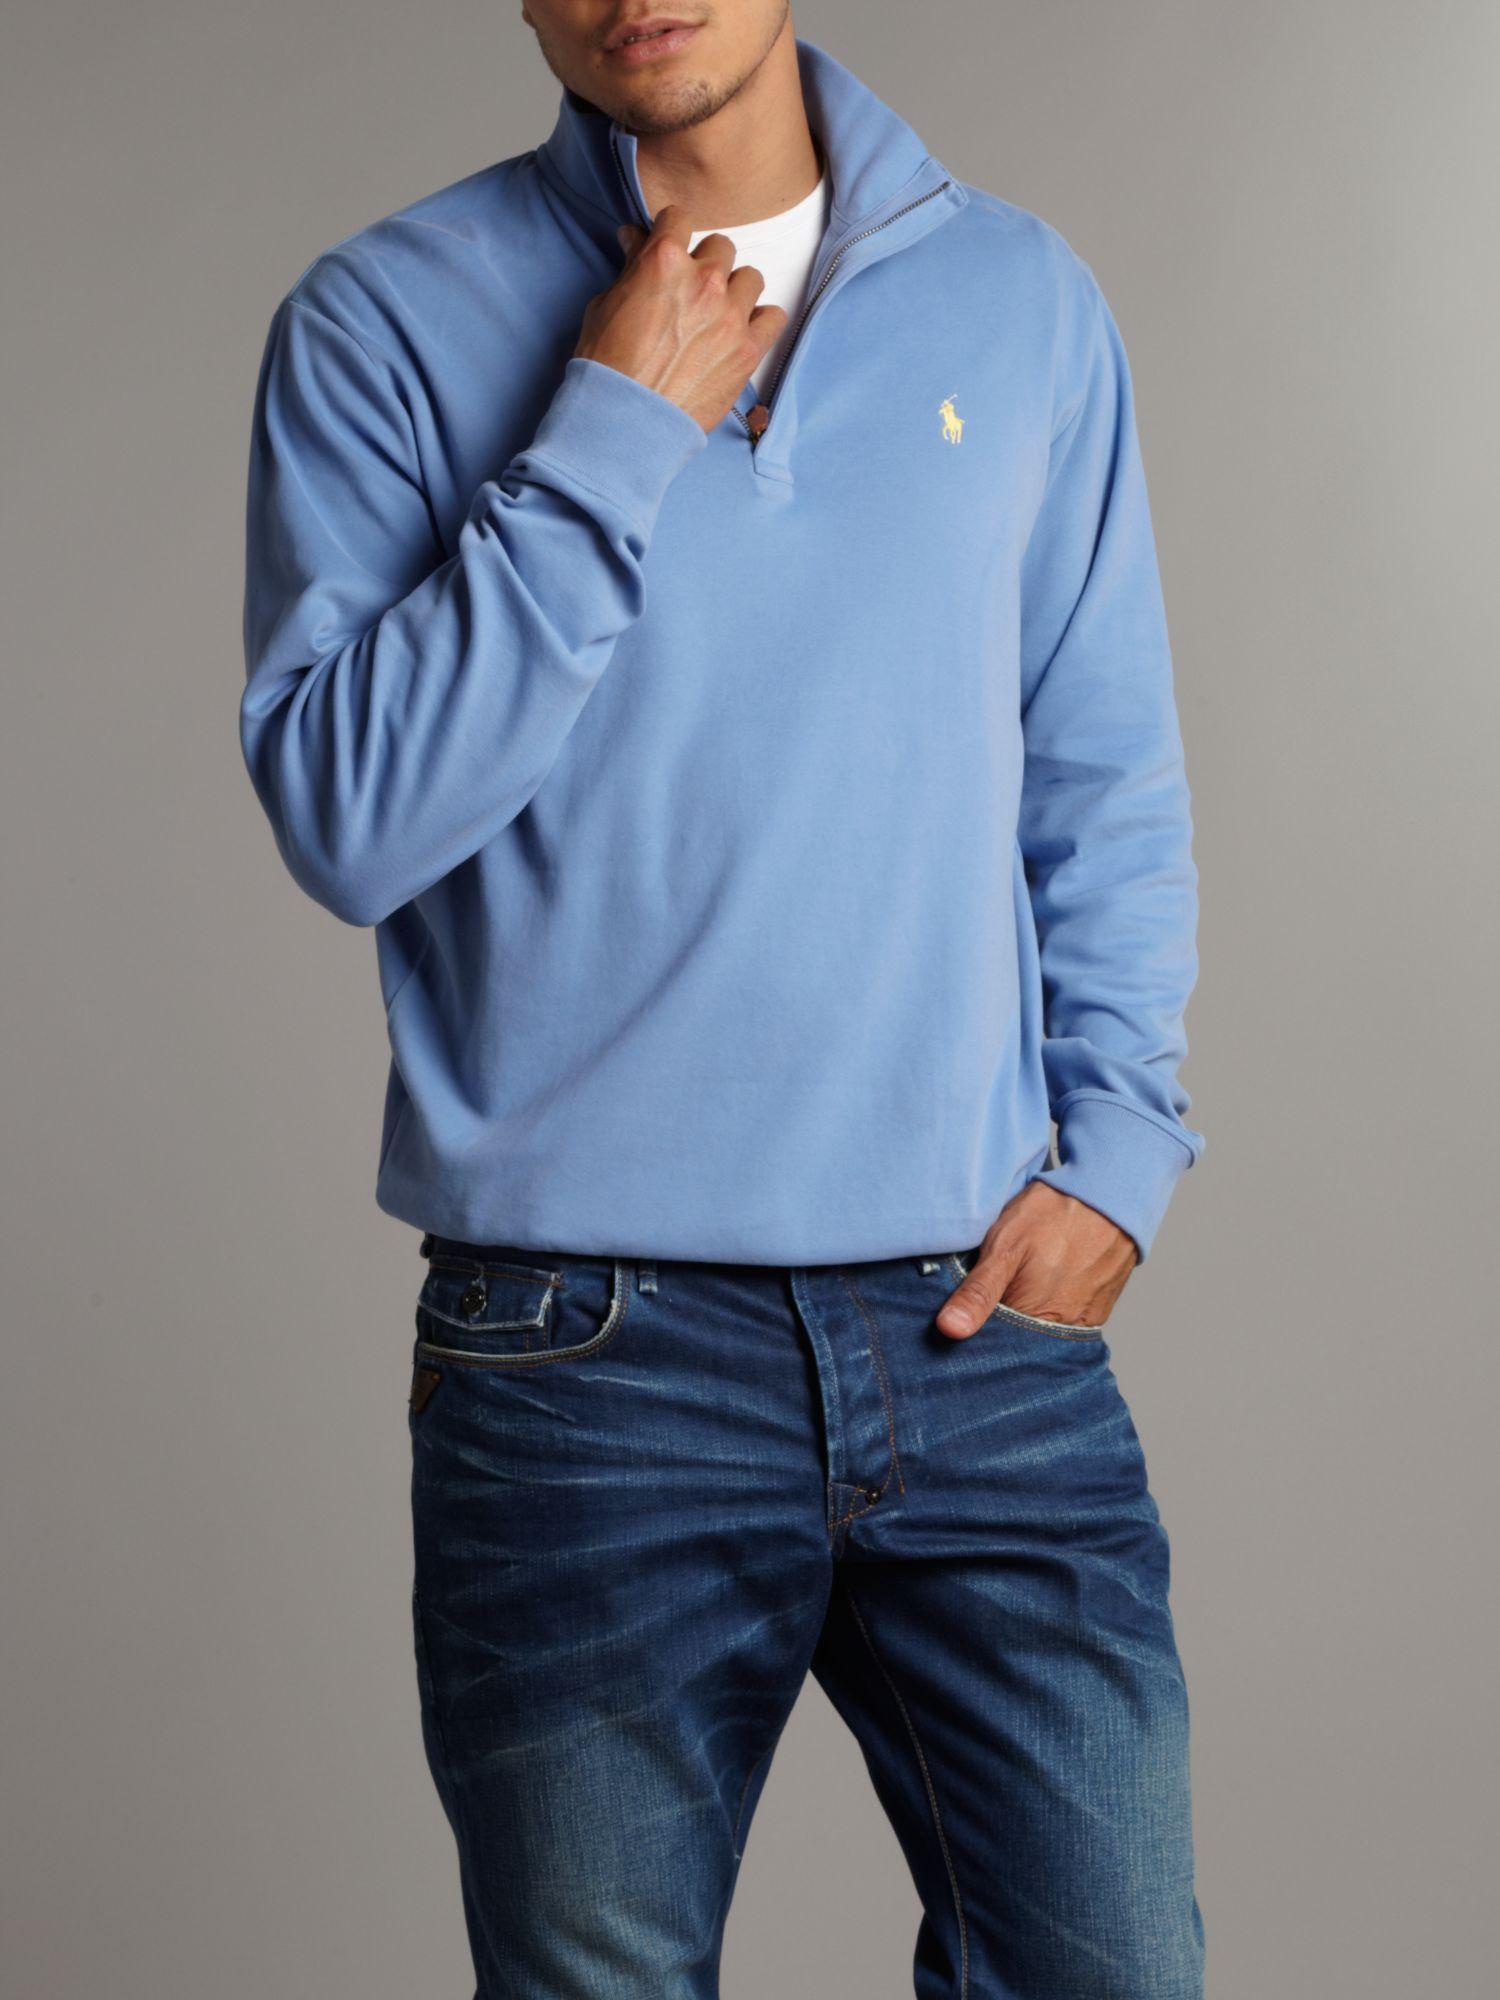 Ralph lauren golf Half Zip Sweatshirt in Blue for Men | Lyst